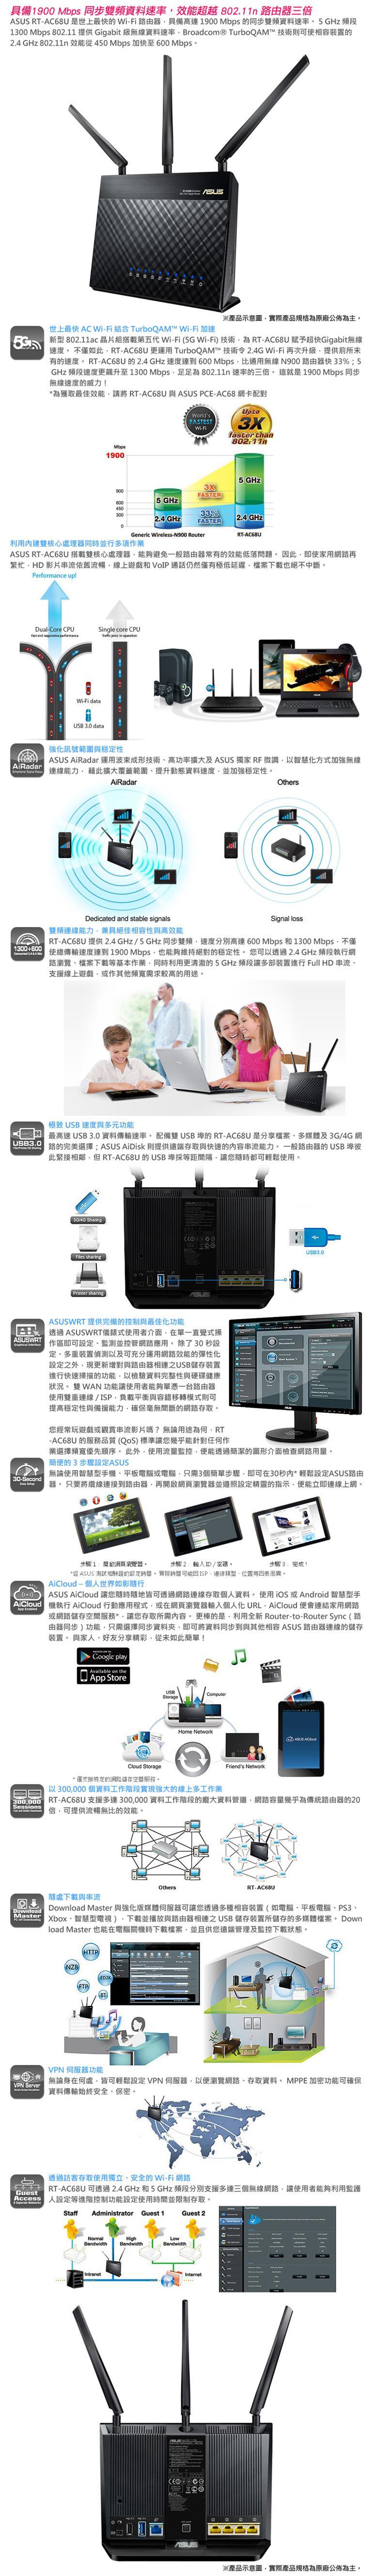 ASUS華碩RT-AC68U雙頻AC1900 Gigabit無線分享器/無線路由器|EcLife良興購物網